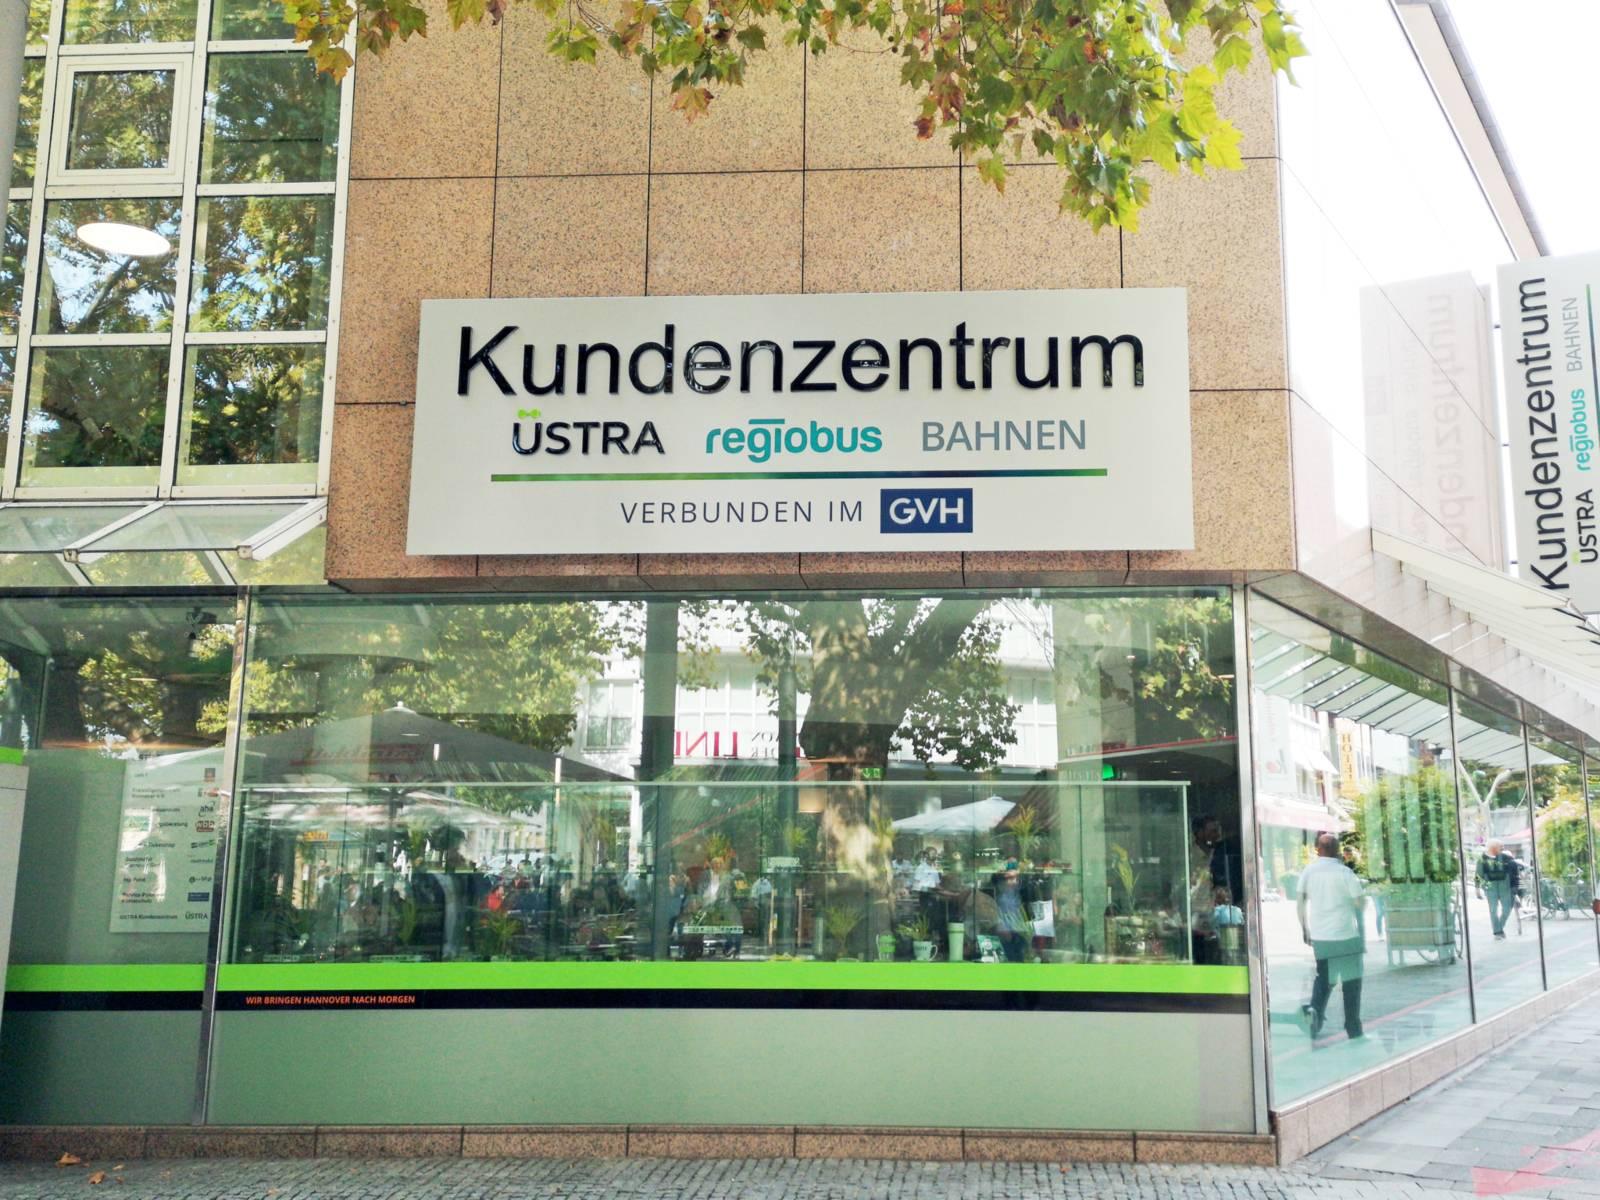 Das GVH Kundenzentrum in der Innenstadt von Hannover